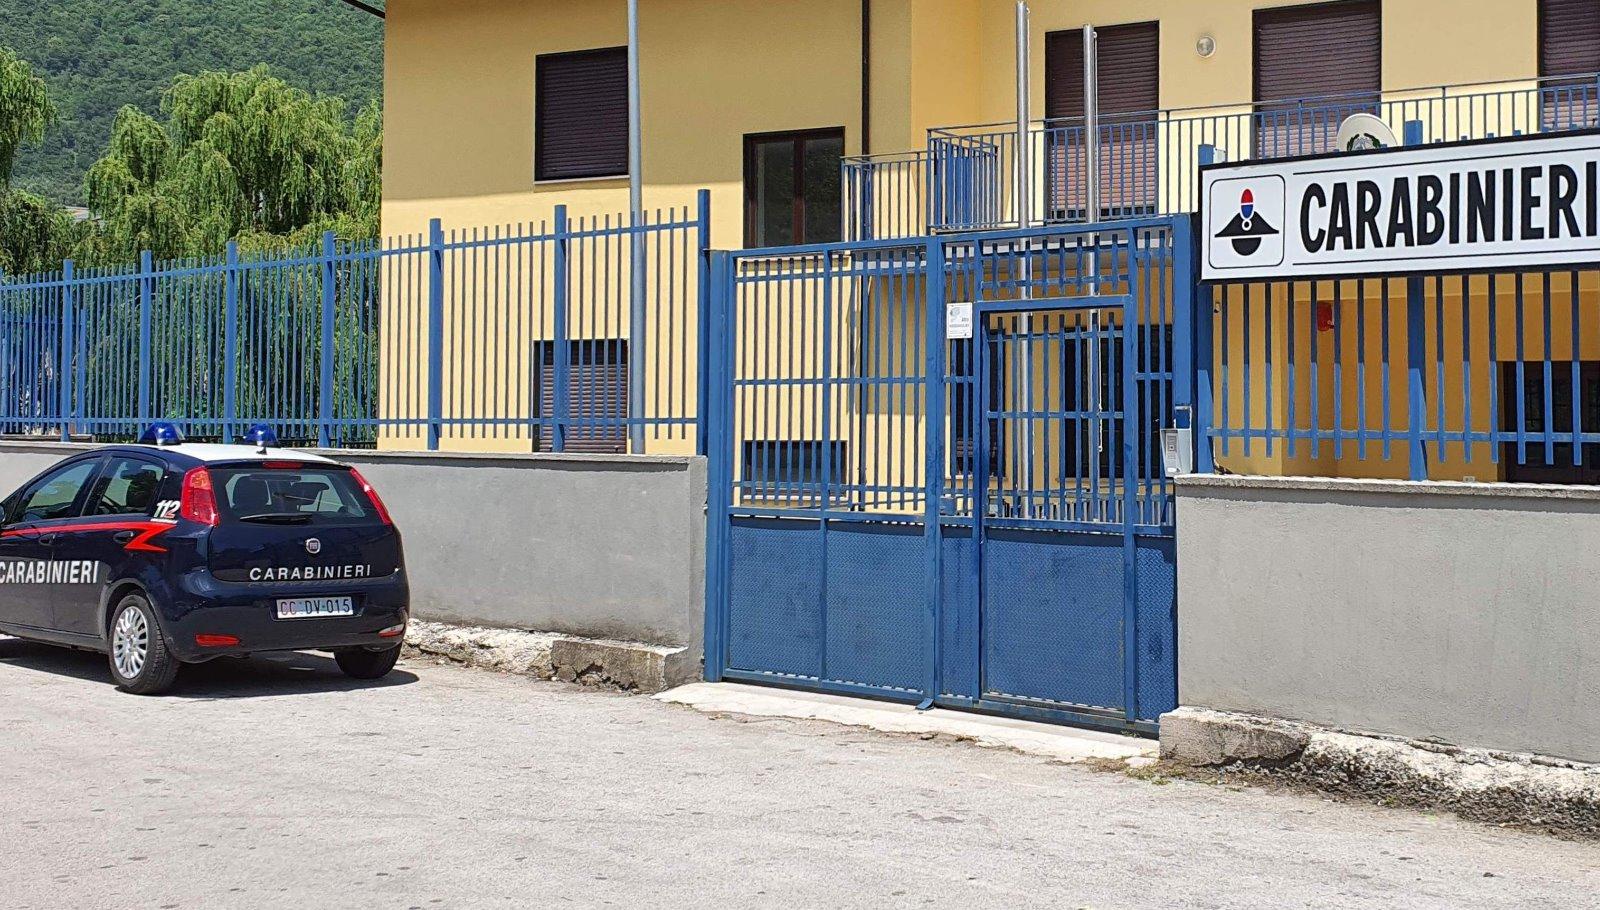 Monteforte Irpino| Carabinieri, completato il trasferimento nella nuova caserma già operativa